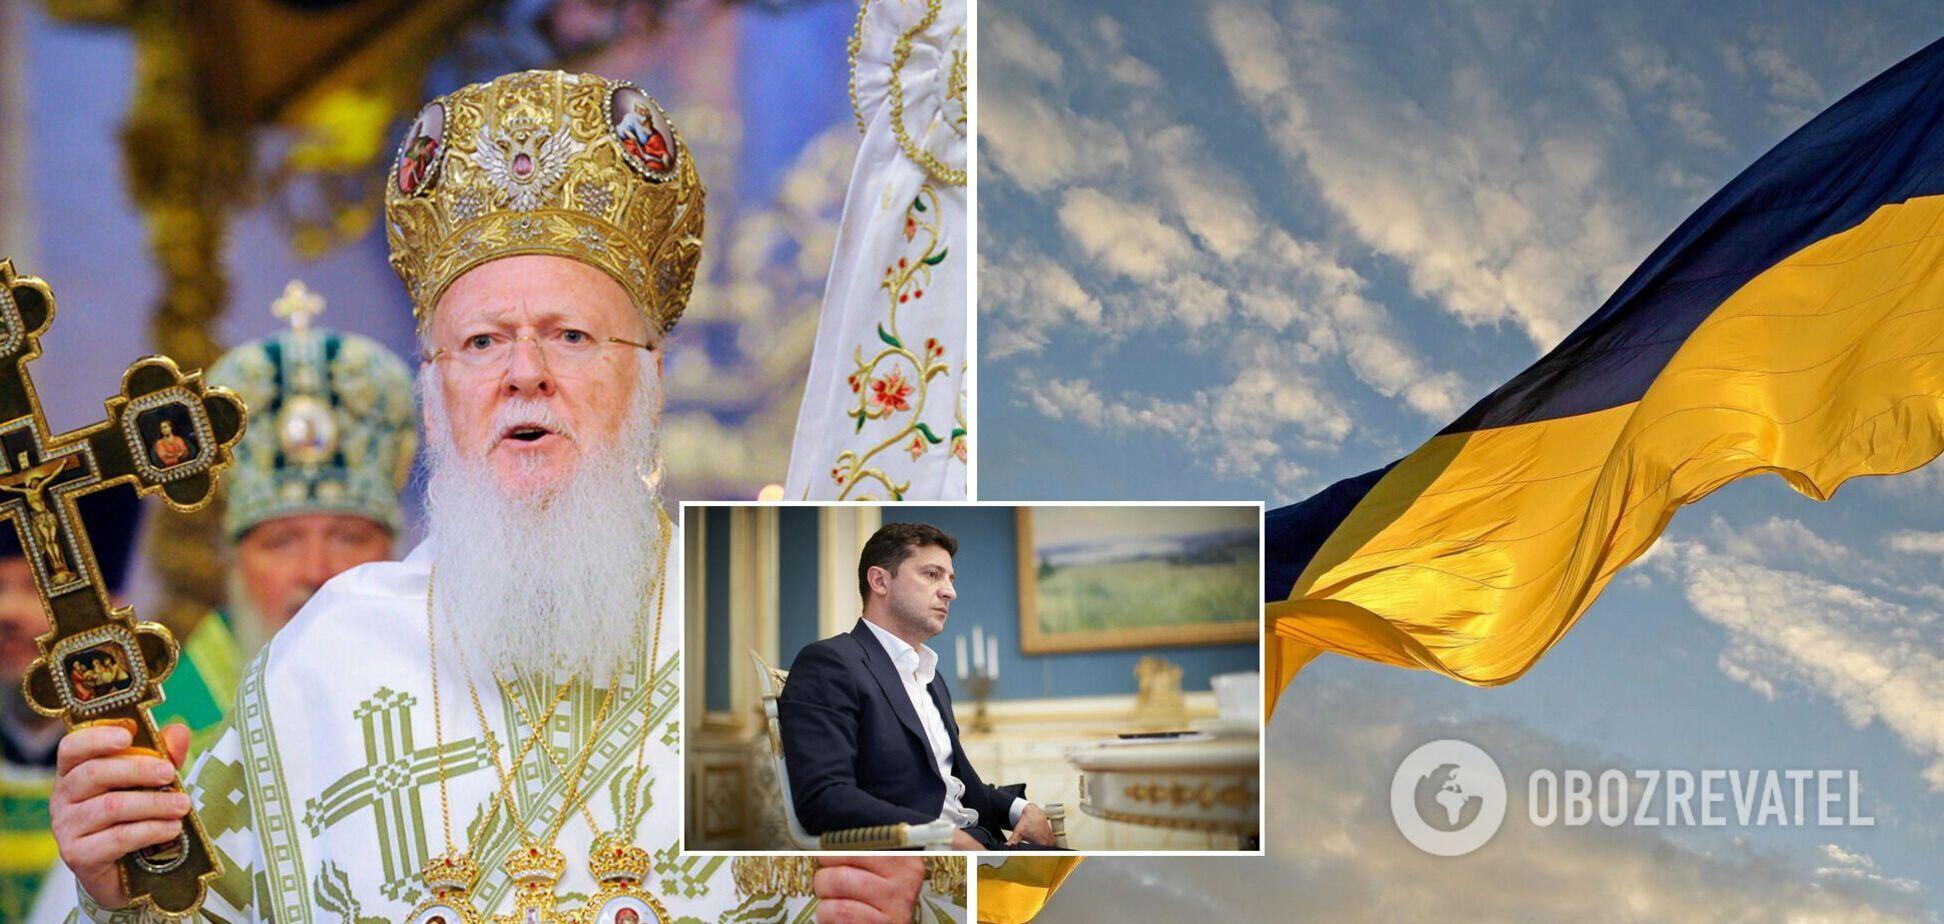 Варфоломей посетит Украину по приглашению президента